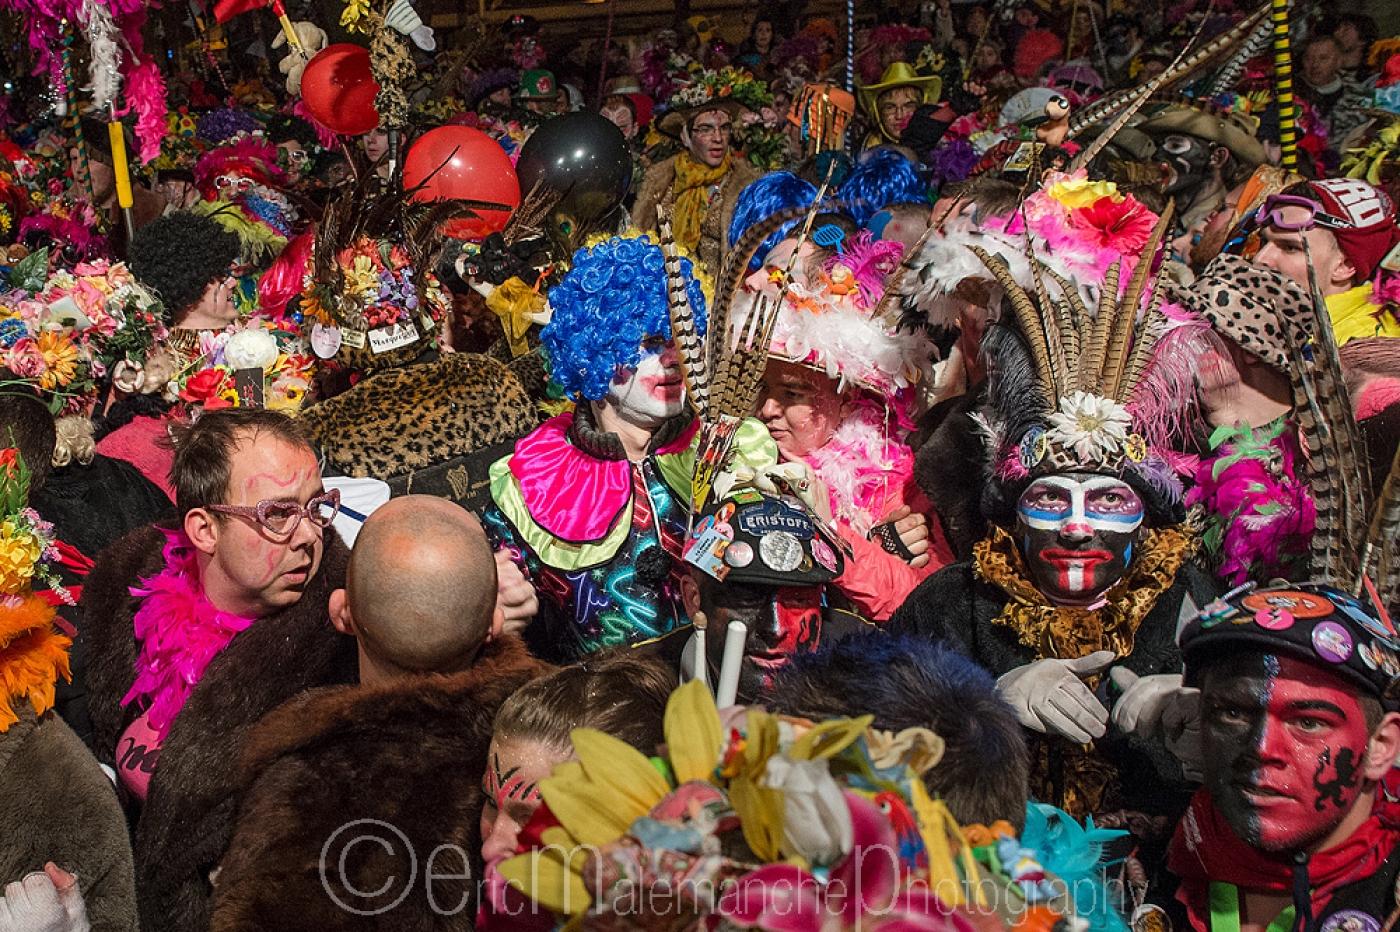 http://www.ericmalemanche.com/imagess/topics/carnaval-de-dunkerque/liste/Carnaval-Dunkerque-6314.jpg